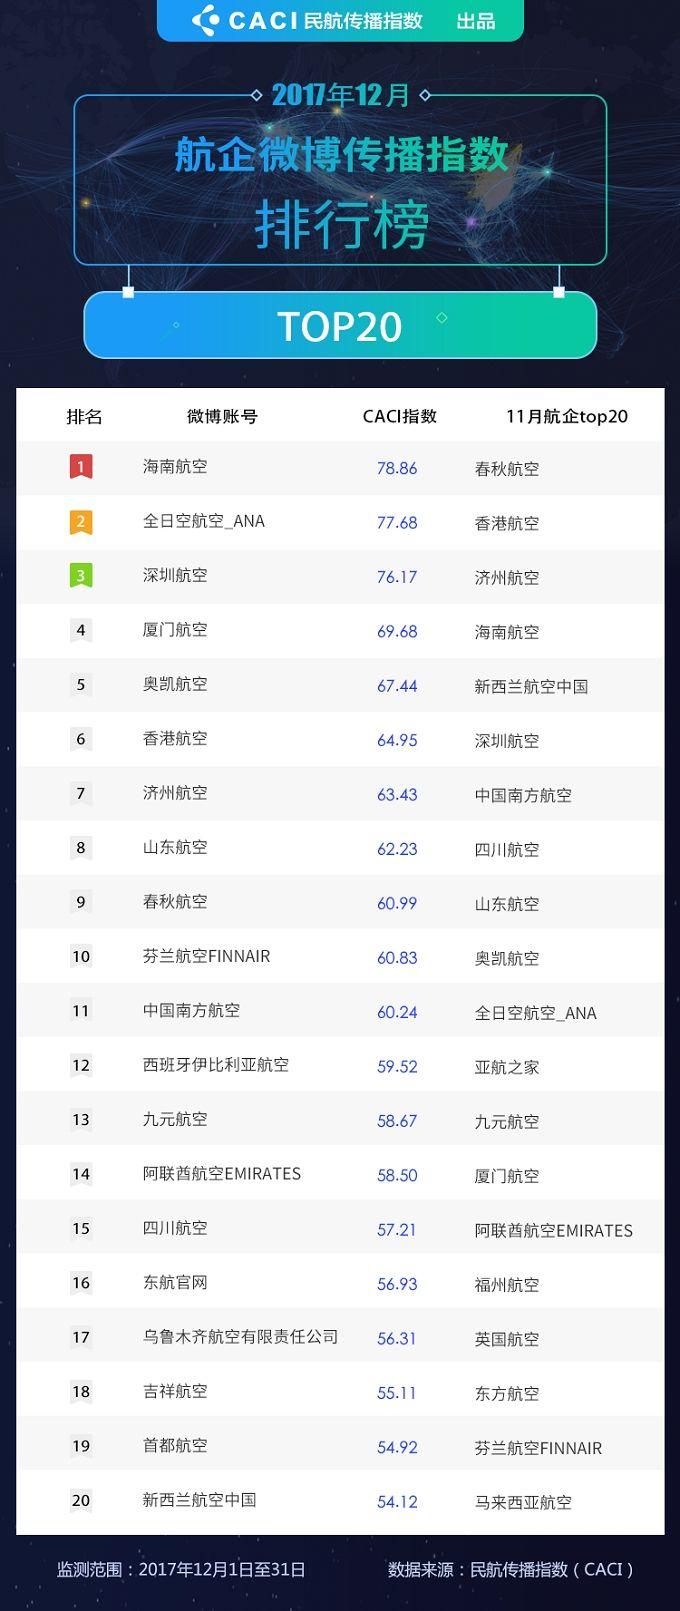 2017年12月民航微博传播指数排行榜